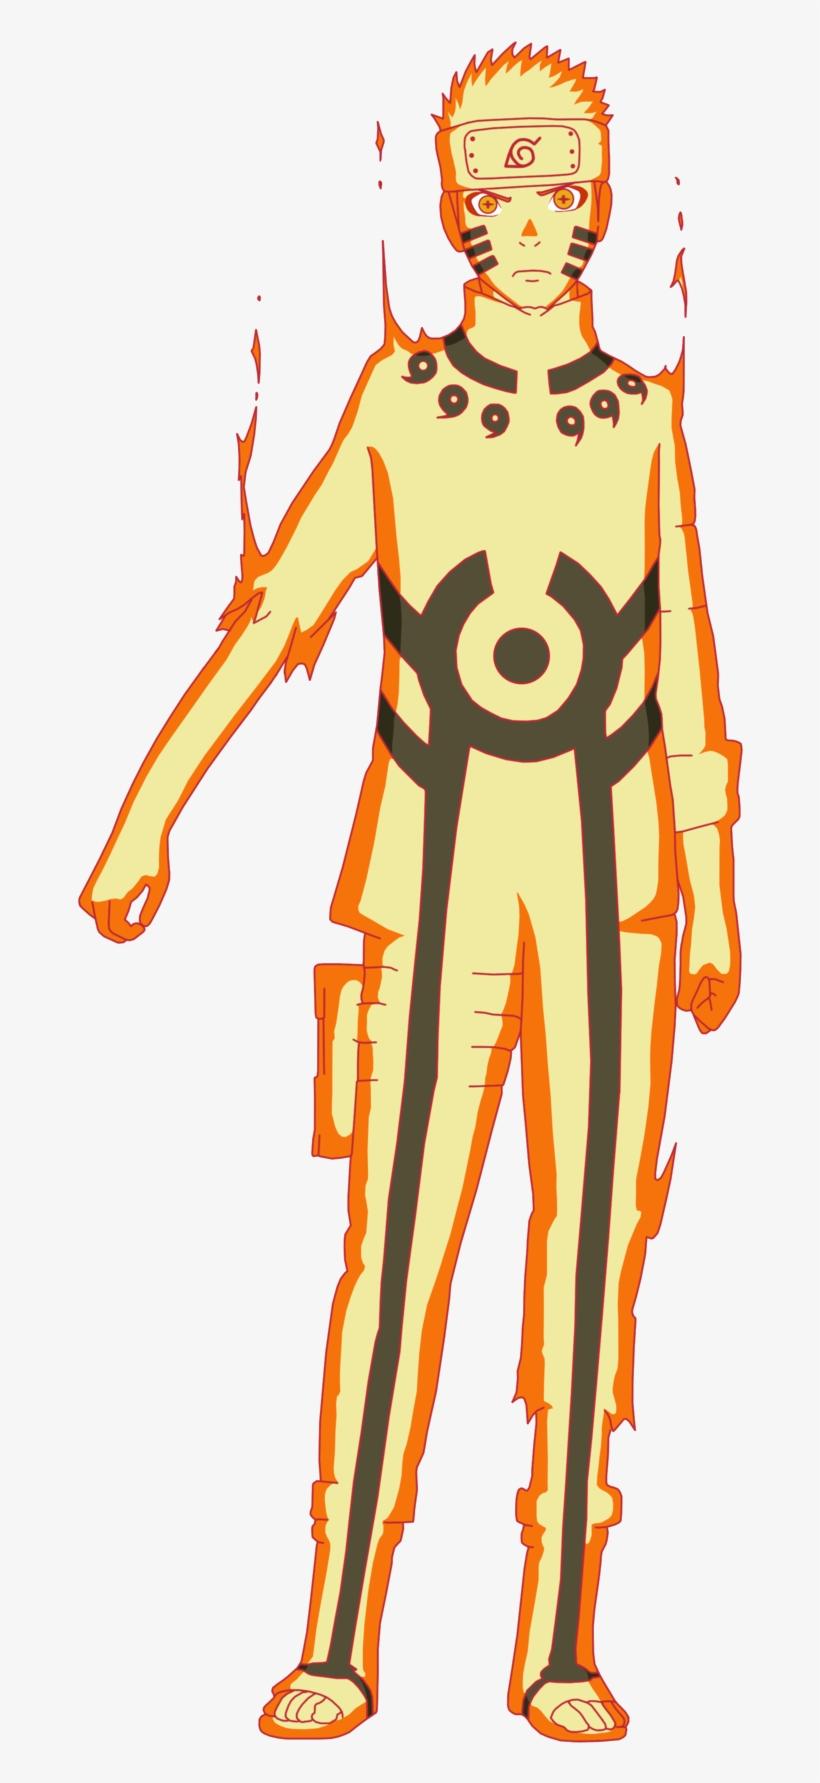 Naruto And Kurama Chibi - Naruto Akatsuki